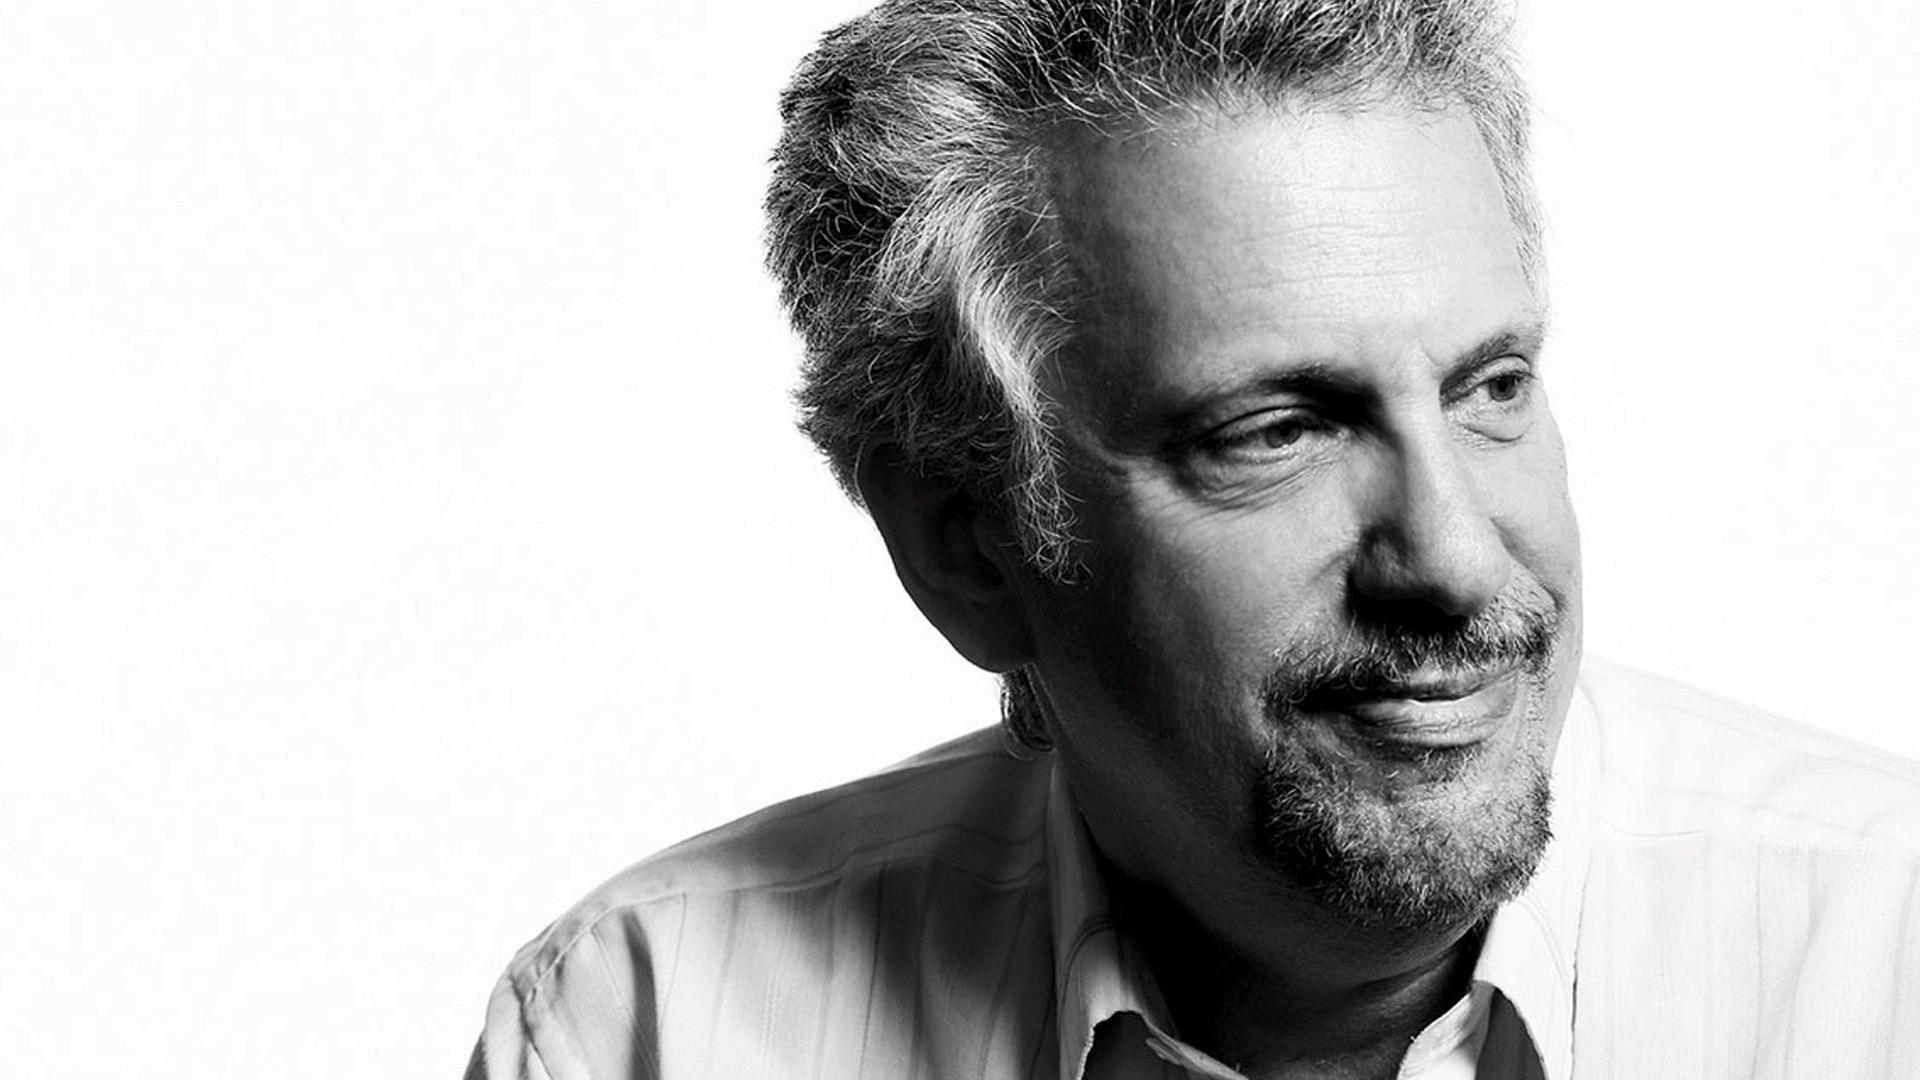 Composer Garry Schyman Talks Shadow of War, Gaming Music